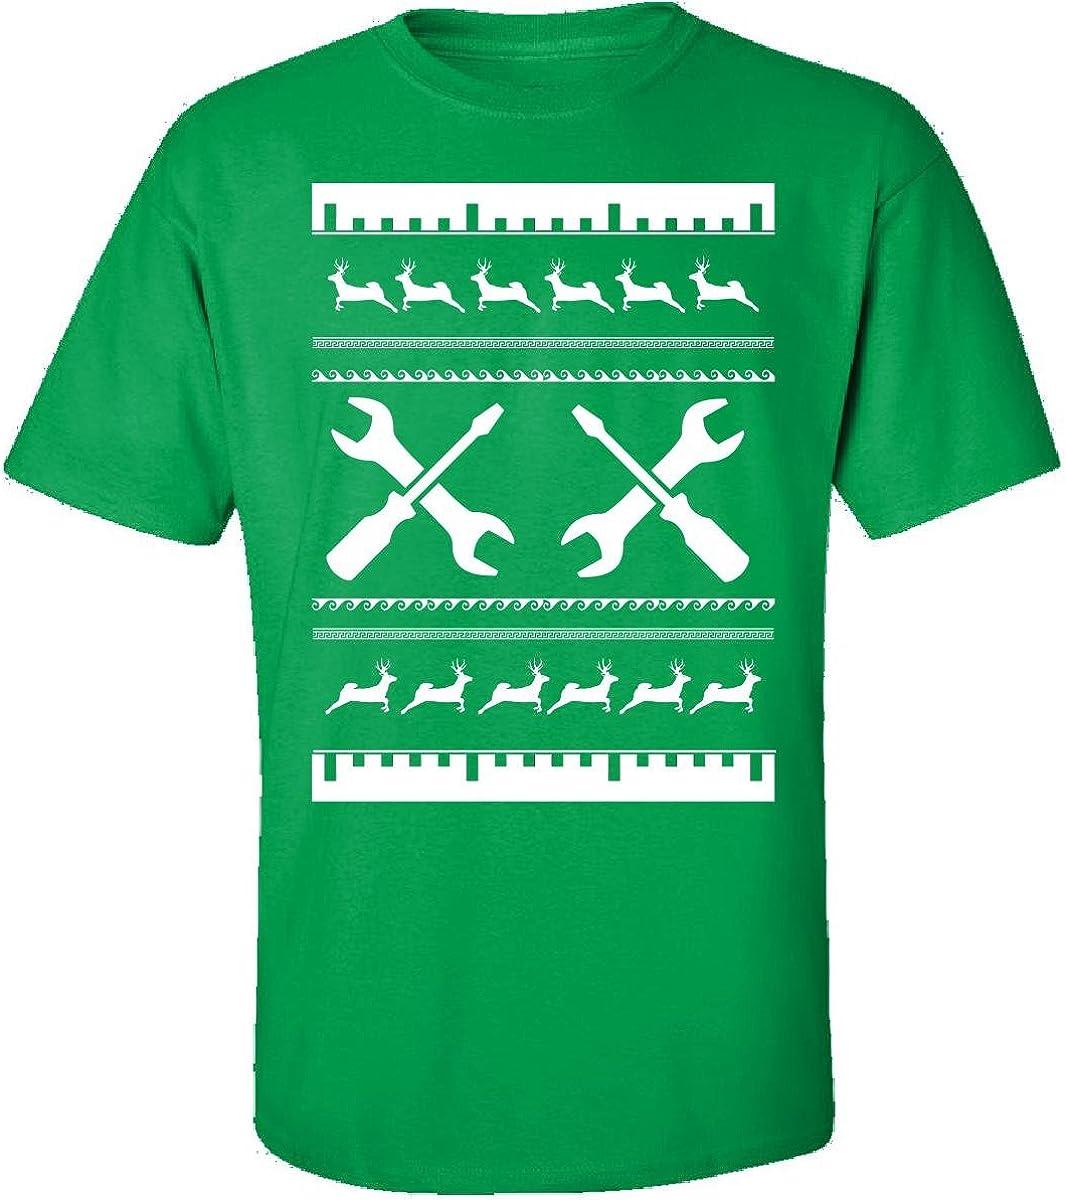 iN. Suéter Feo de Navidad para Cualquier fanático mecánico – Camisa de Adulto S irlandés-Verde: Amazon.es: Libros